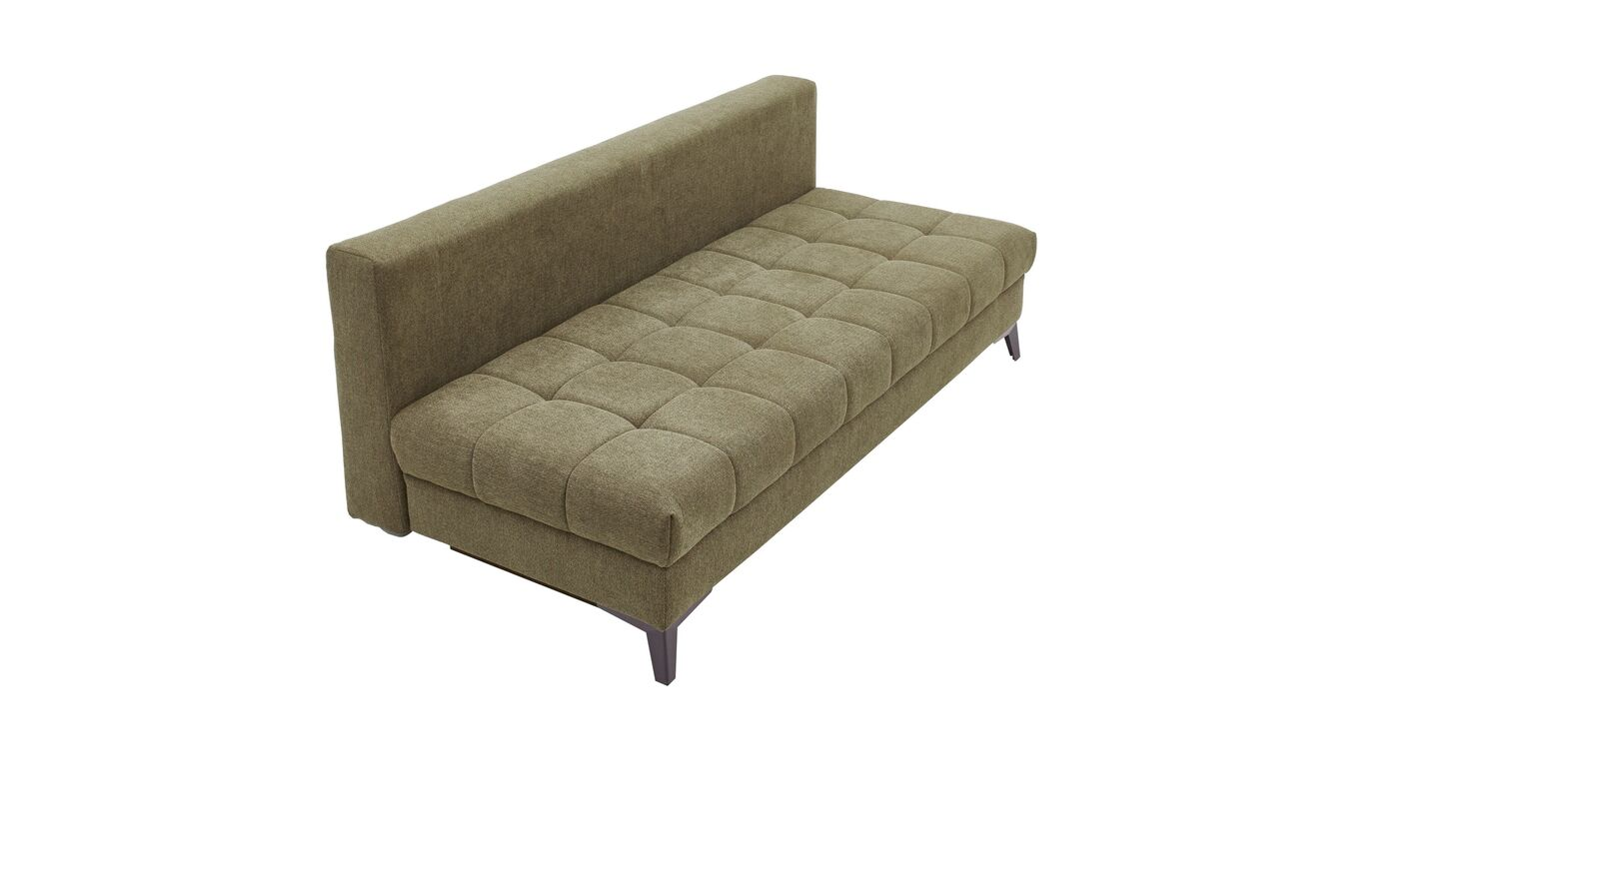 Schlafsofa Pasqua mit gesteppter Sitzfläche